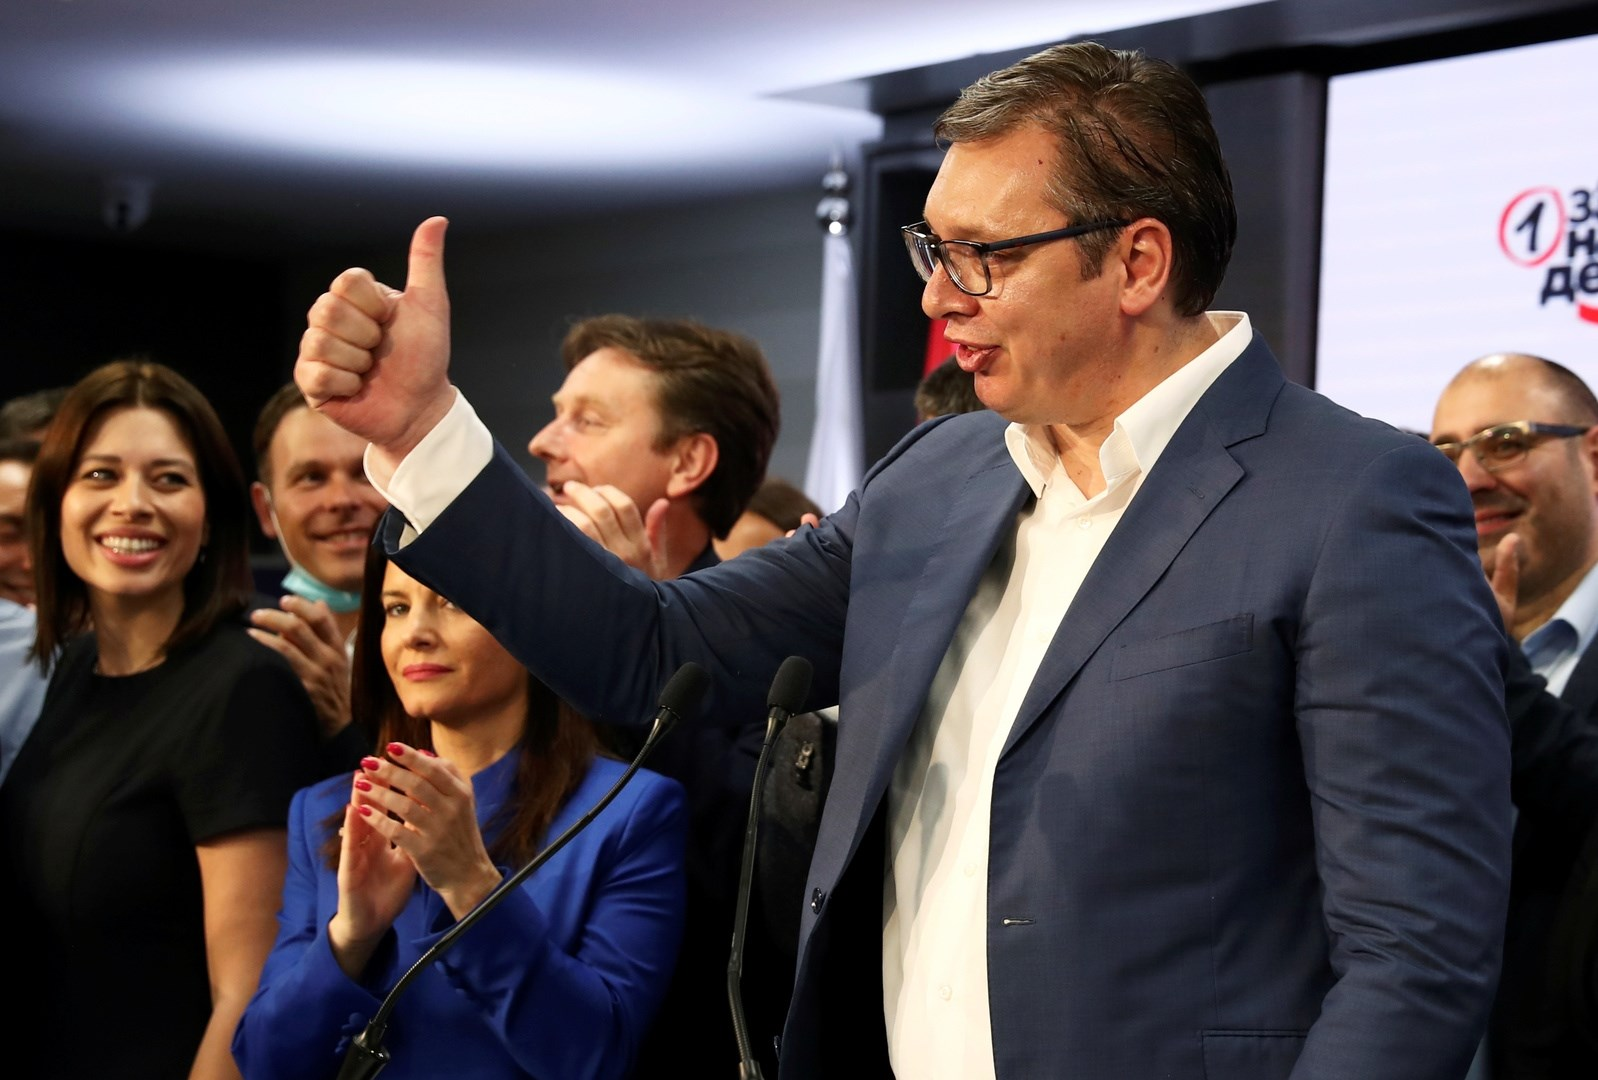 فوتشيتش: حصلنا على أكبر قدر من ثقة الشعب في تاريخ صربيا